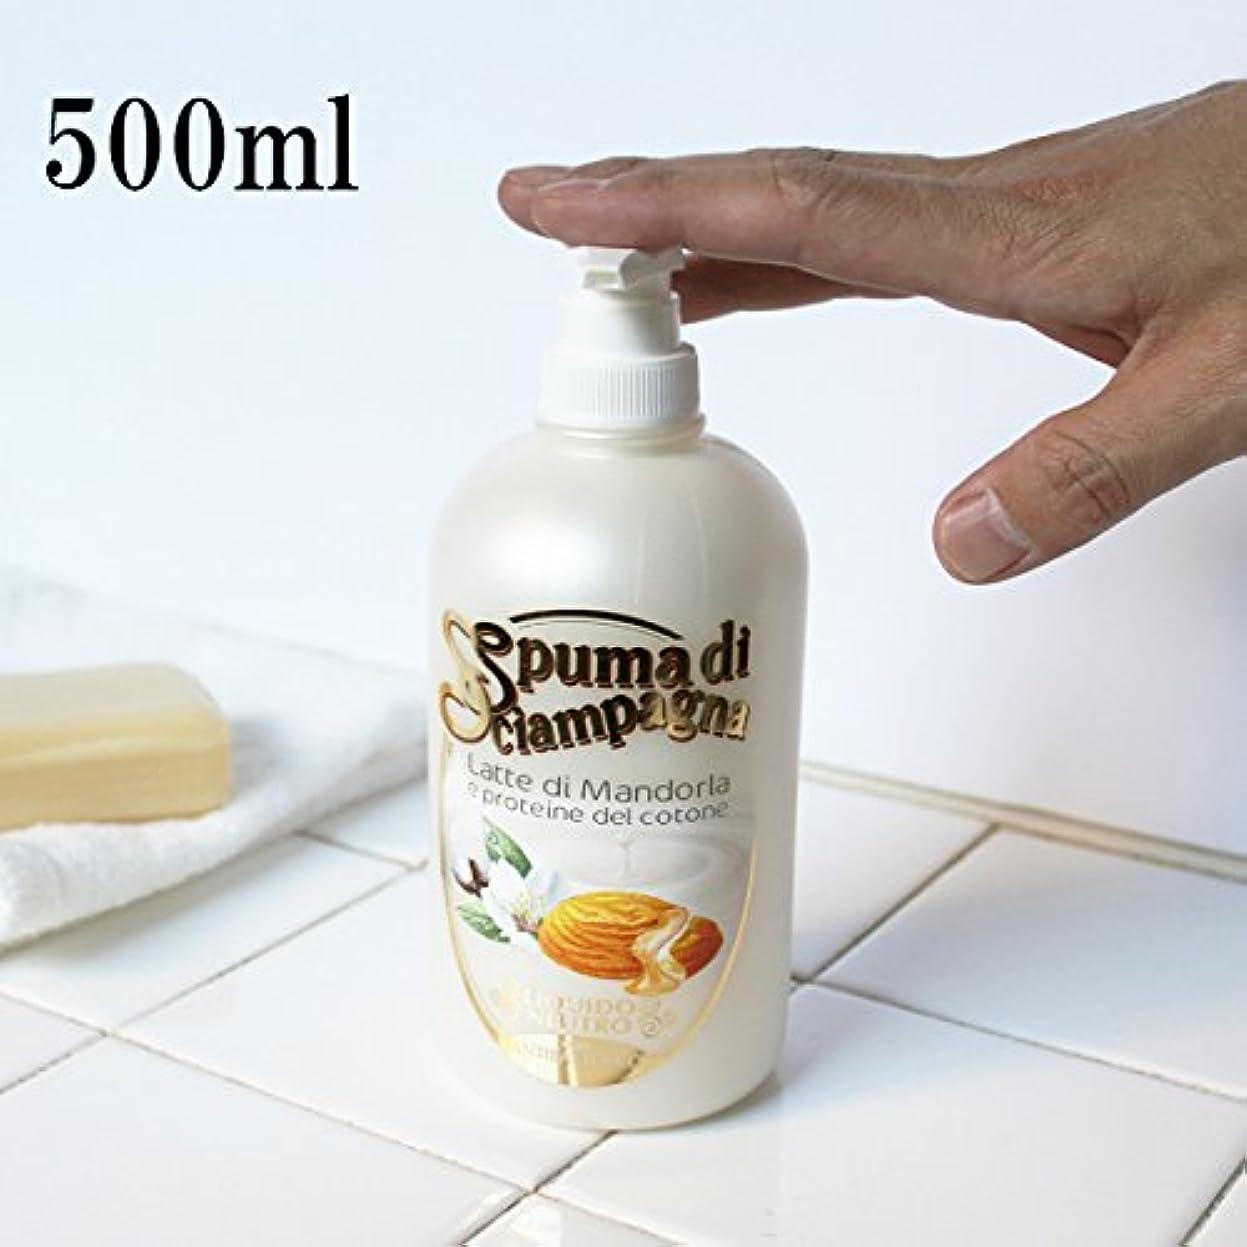 合図平等定常Spuma di Sciampagna (スプーマ ディ シャンパーニャ) リキッドソープ 500ml アーモンドの香り